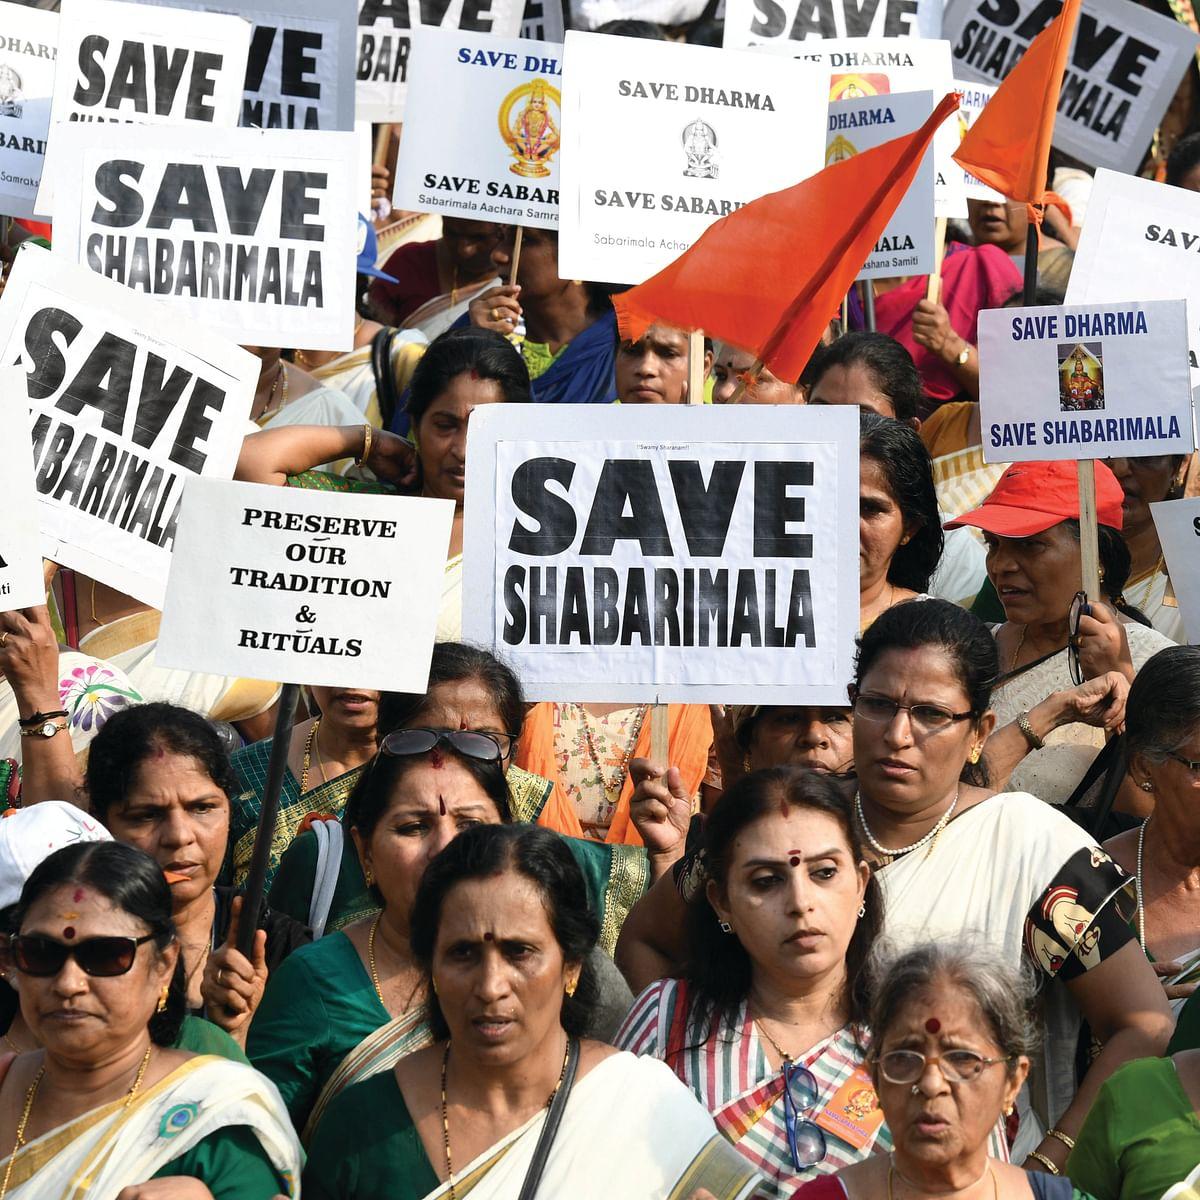 BJP campaign on Sabarimala: Minoritisation of Hindus?